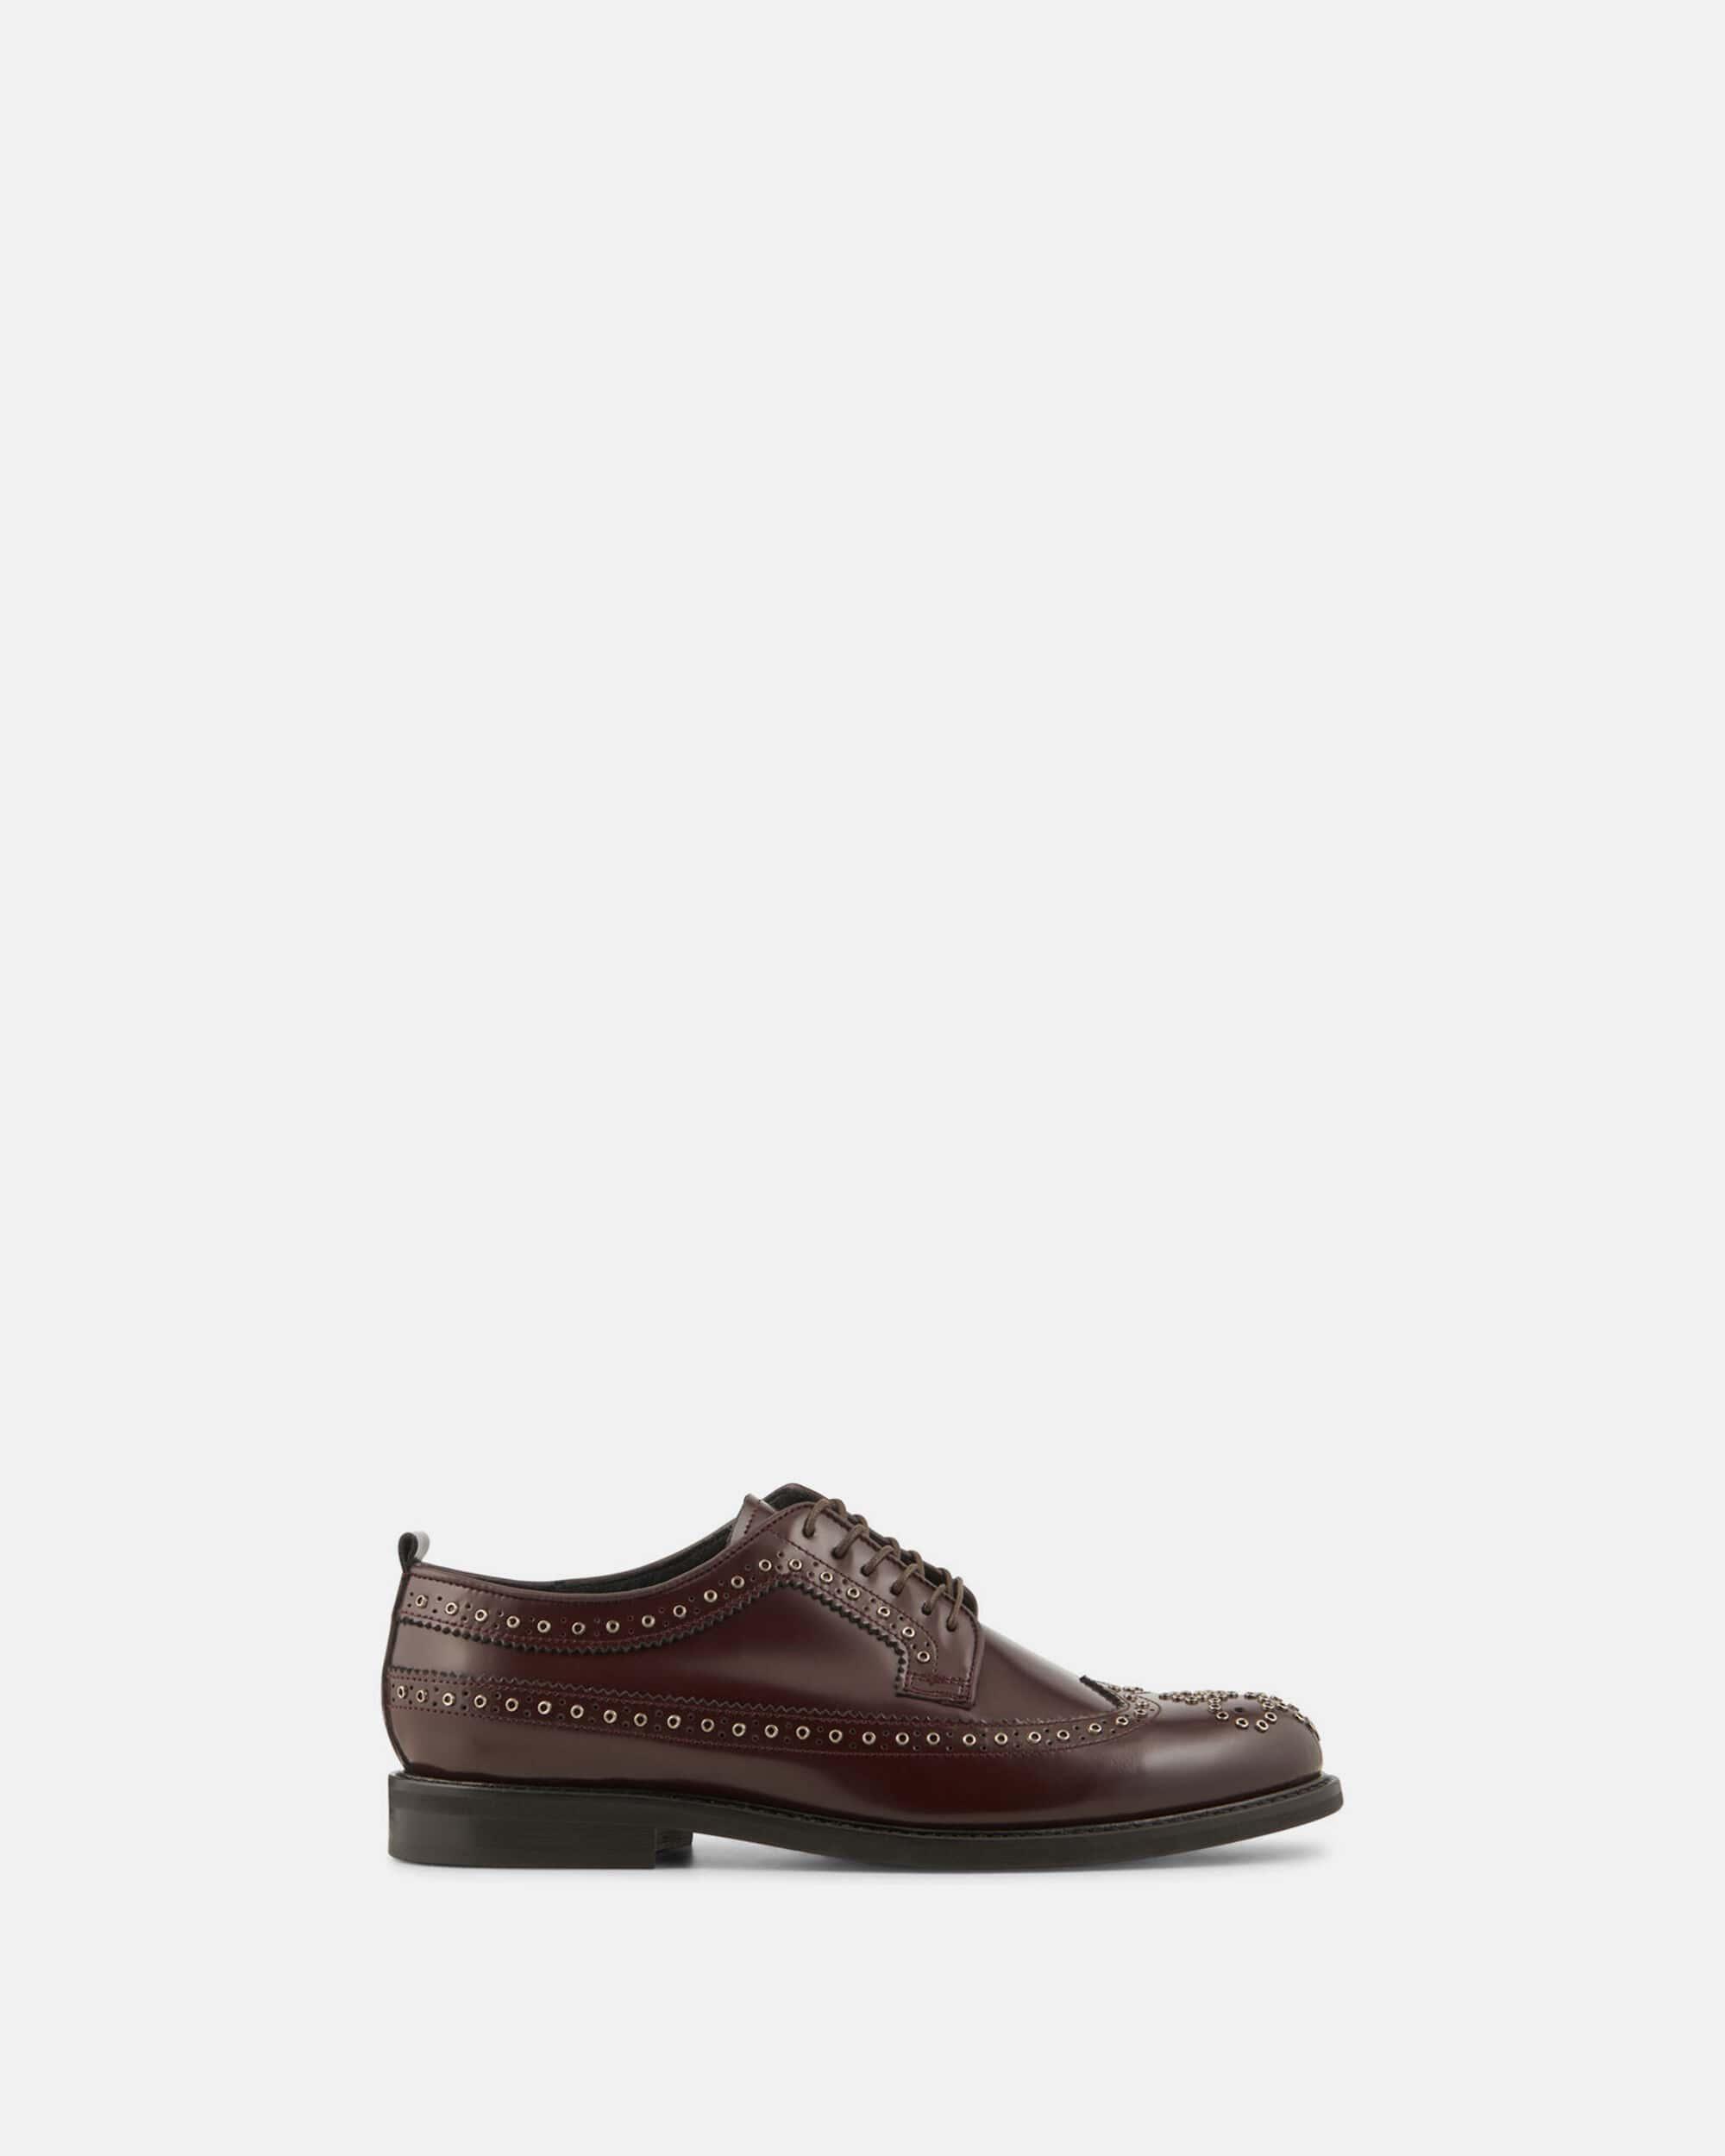 Chaussures à lacets : Outlet Pas Cher Minelli Femme Noir